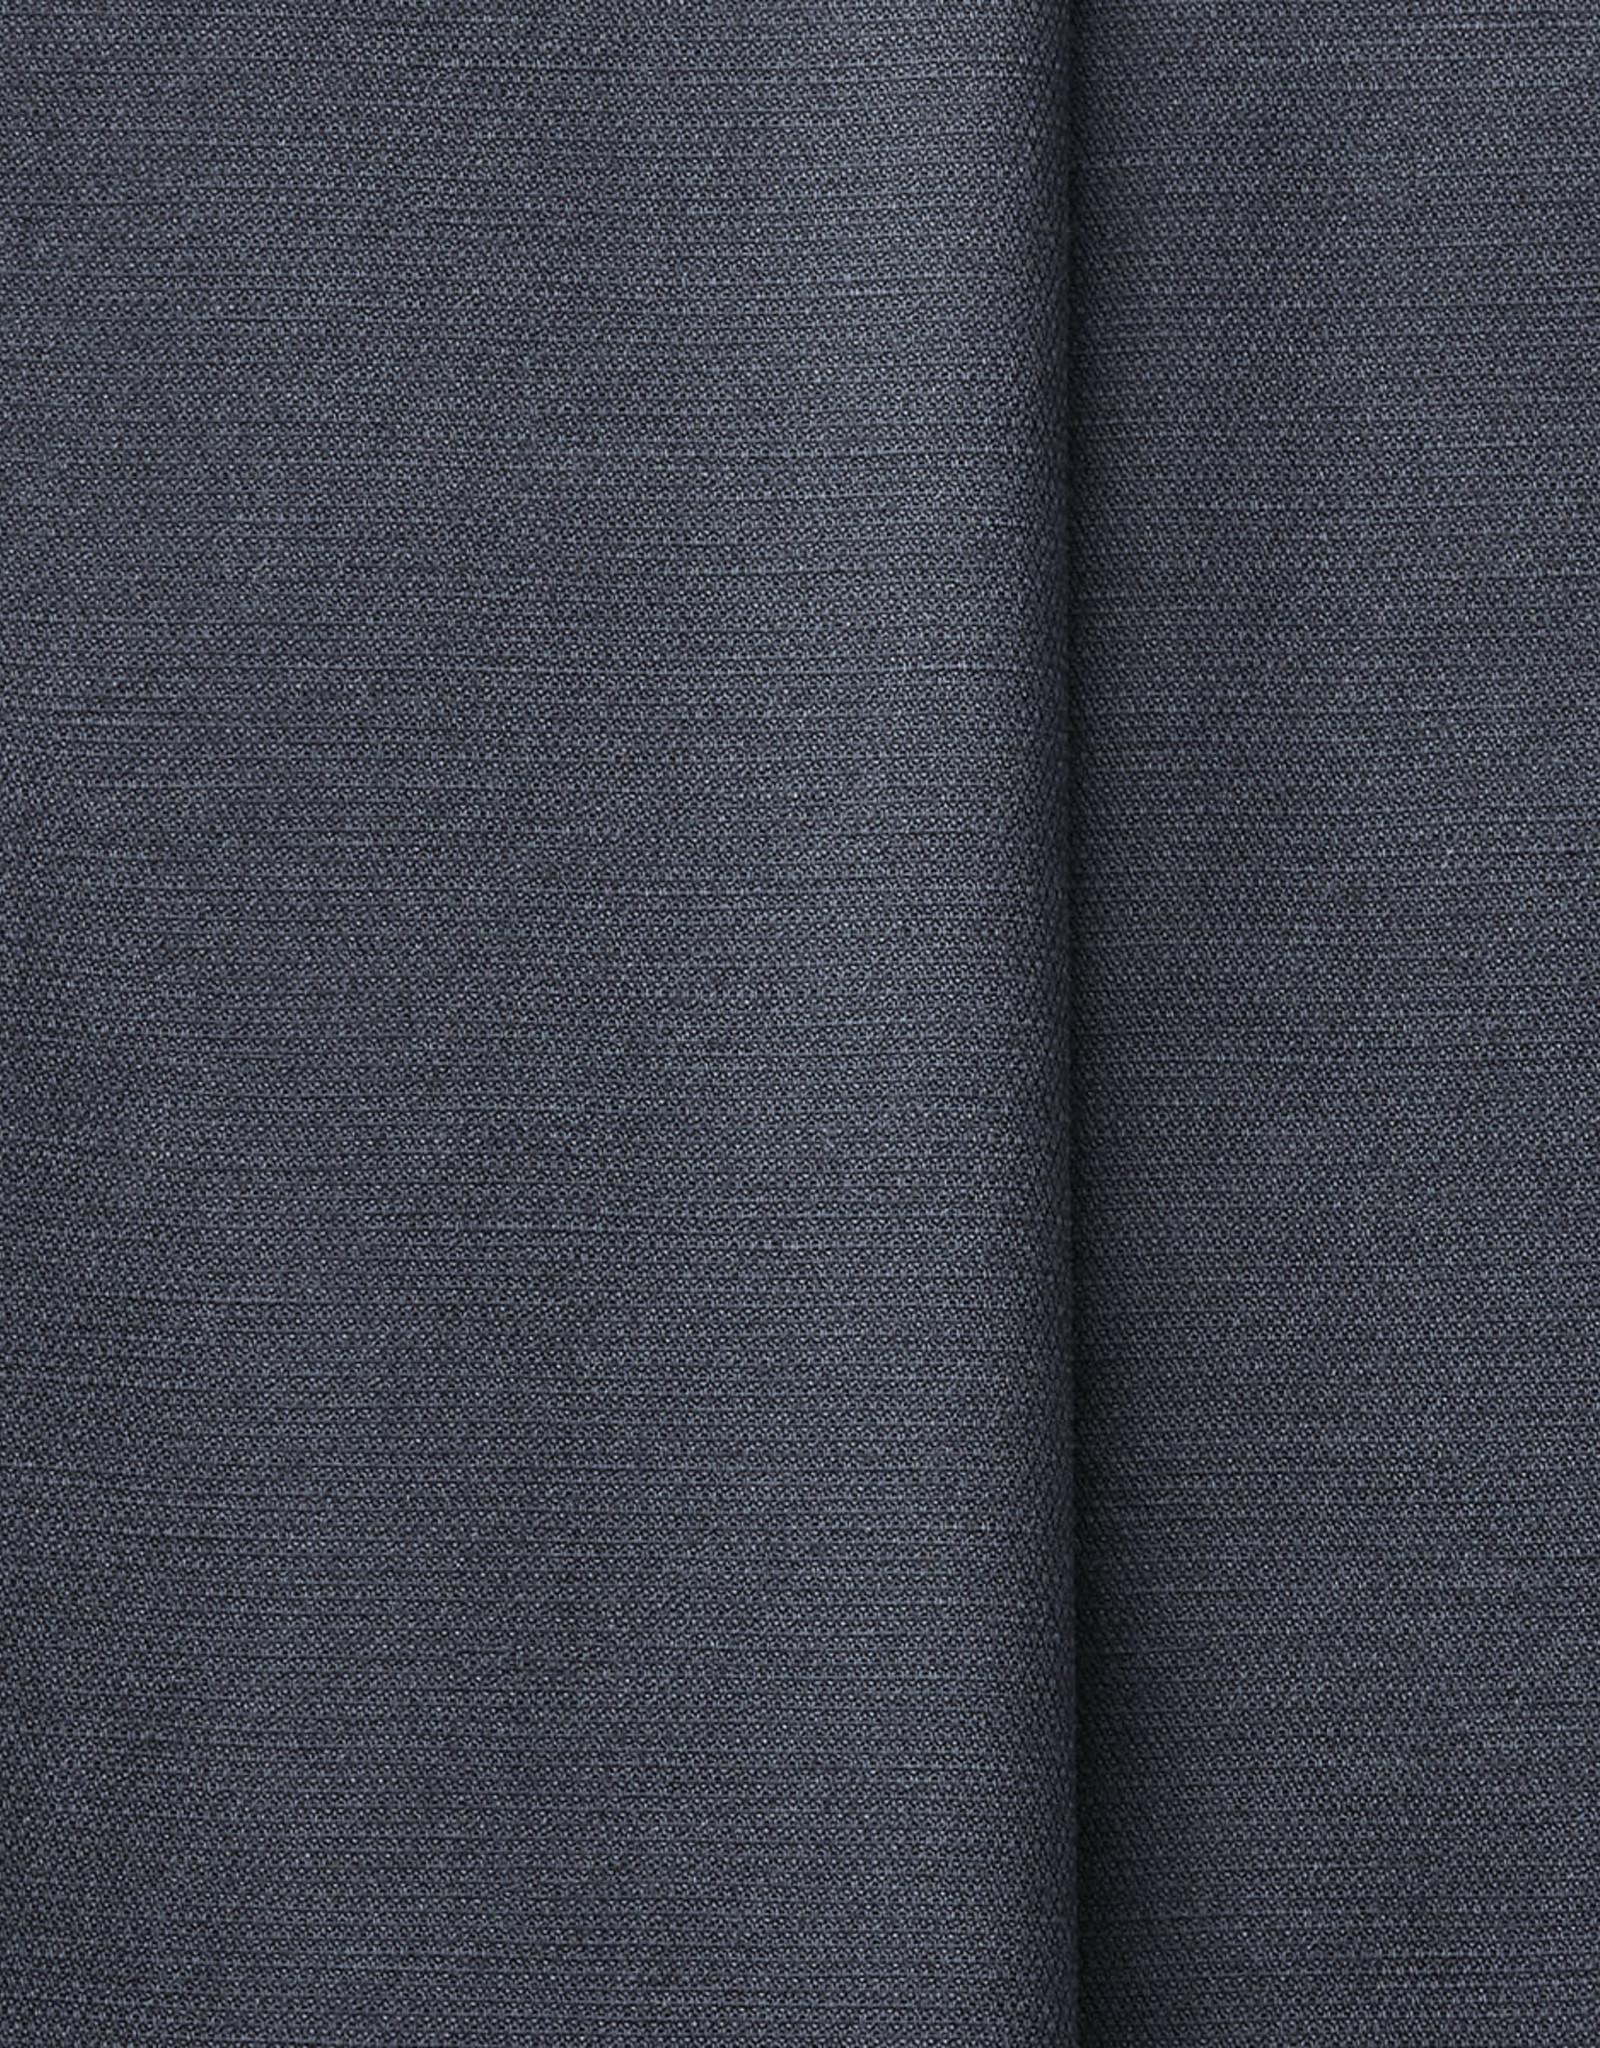 MMX MMX broek katoen blauw Lupus 7020/19